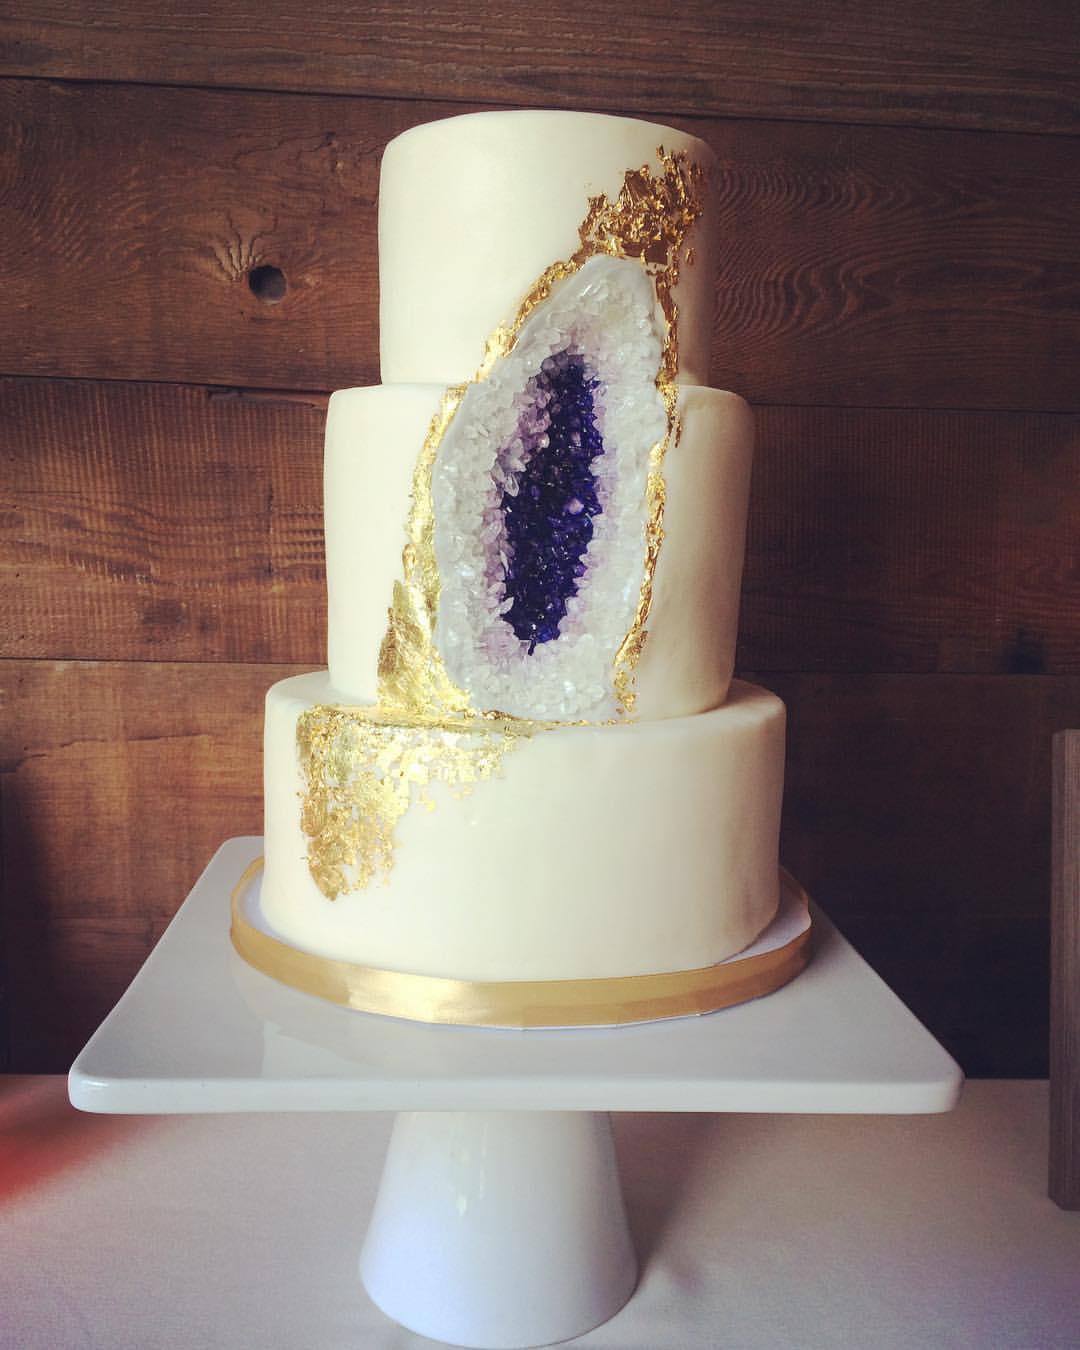 geode cake only.jpg